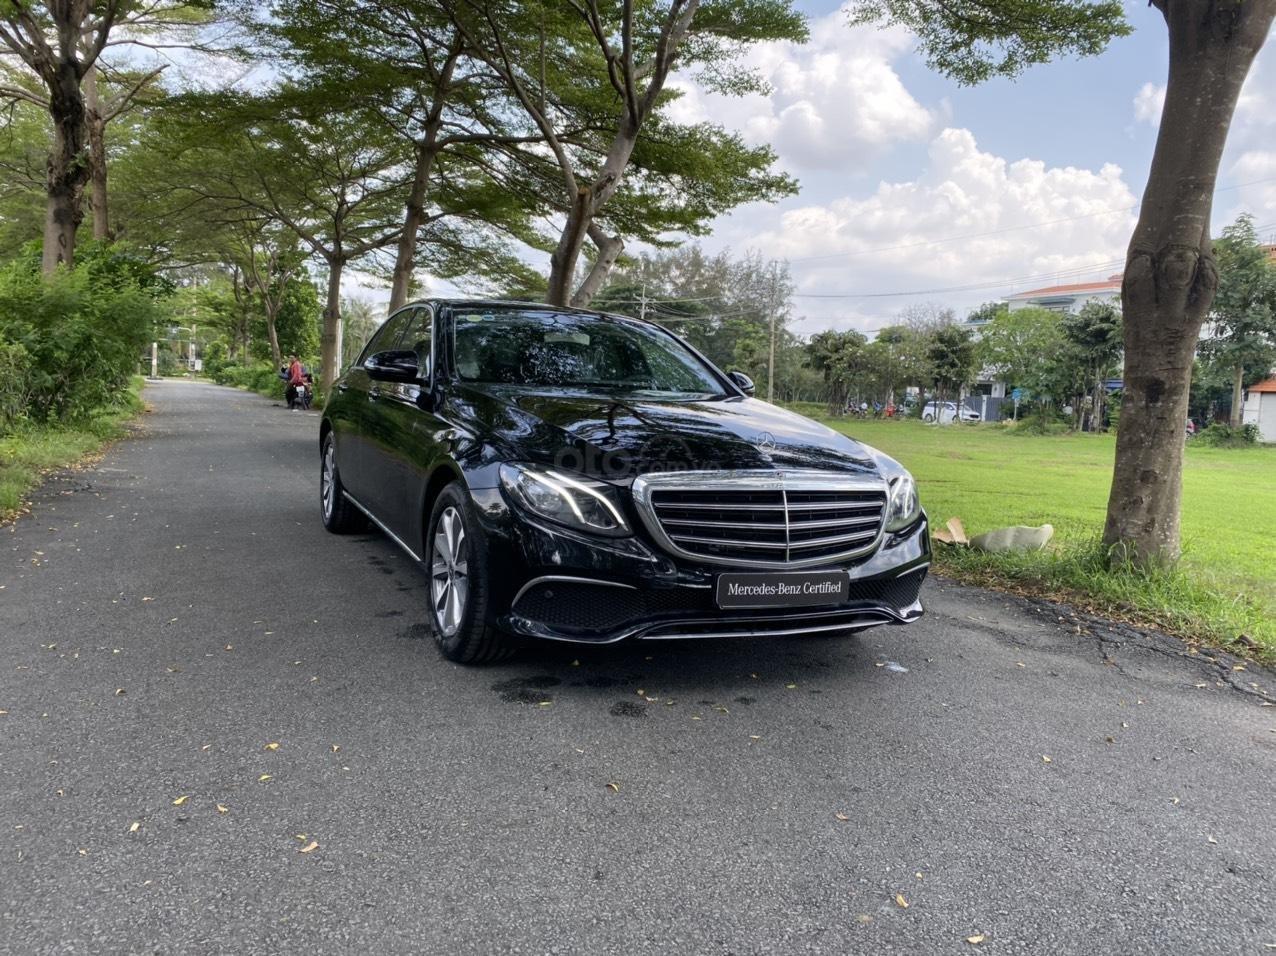 Thanh lý Mercedes E200 2019 màu đen, chạy 10km, giá cực tốt bảo hành 5 năm (3)